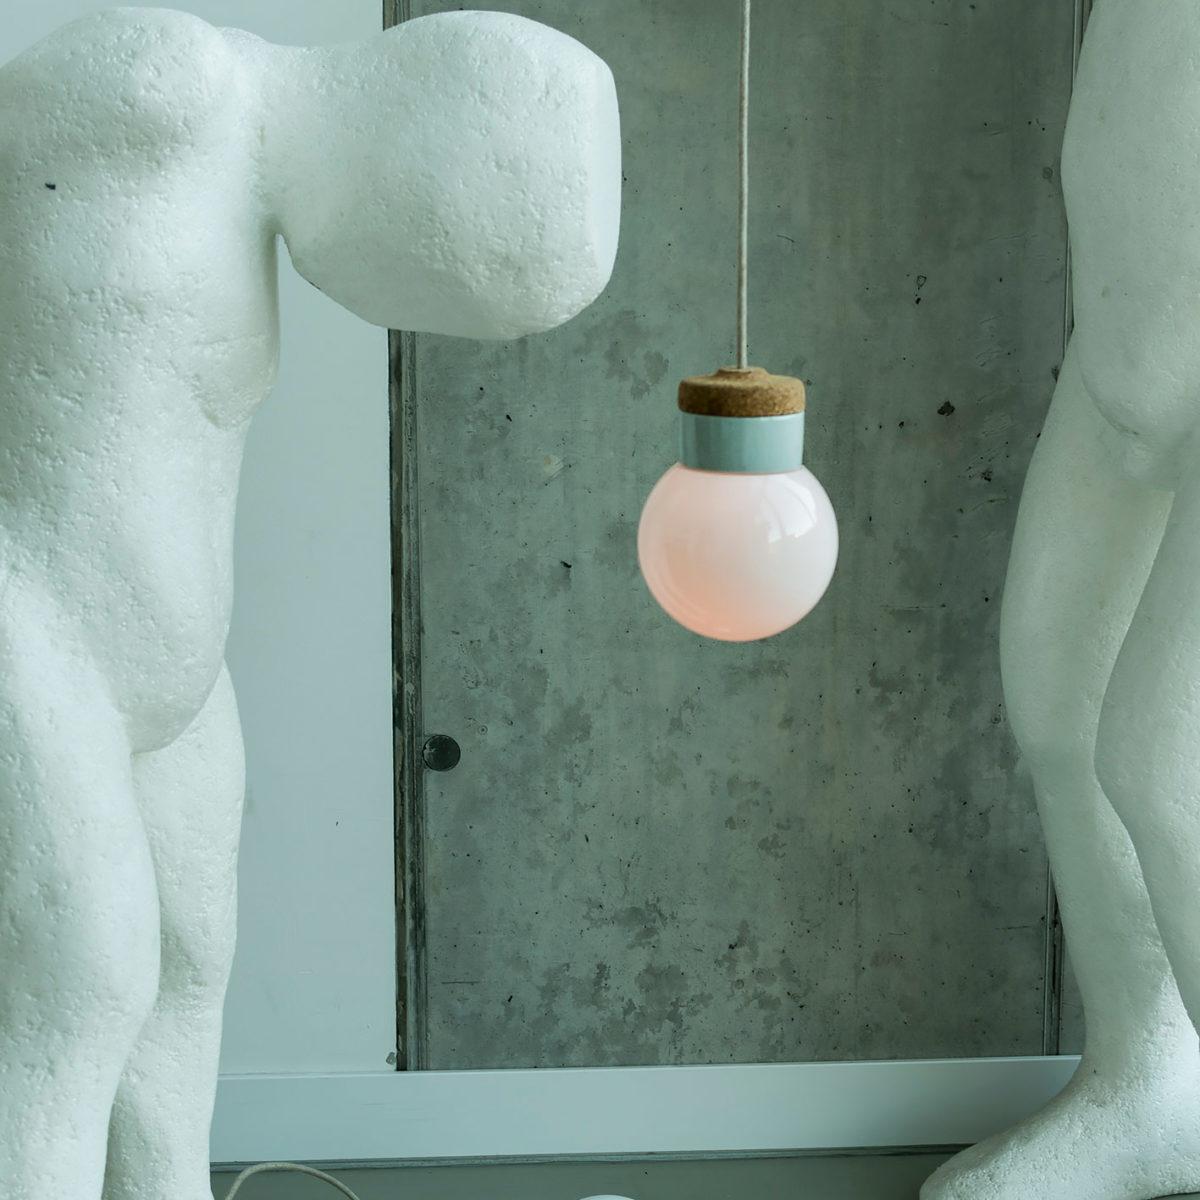 wisząca lampa korkowa z kloszem szklanym białym Kula 1